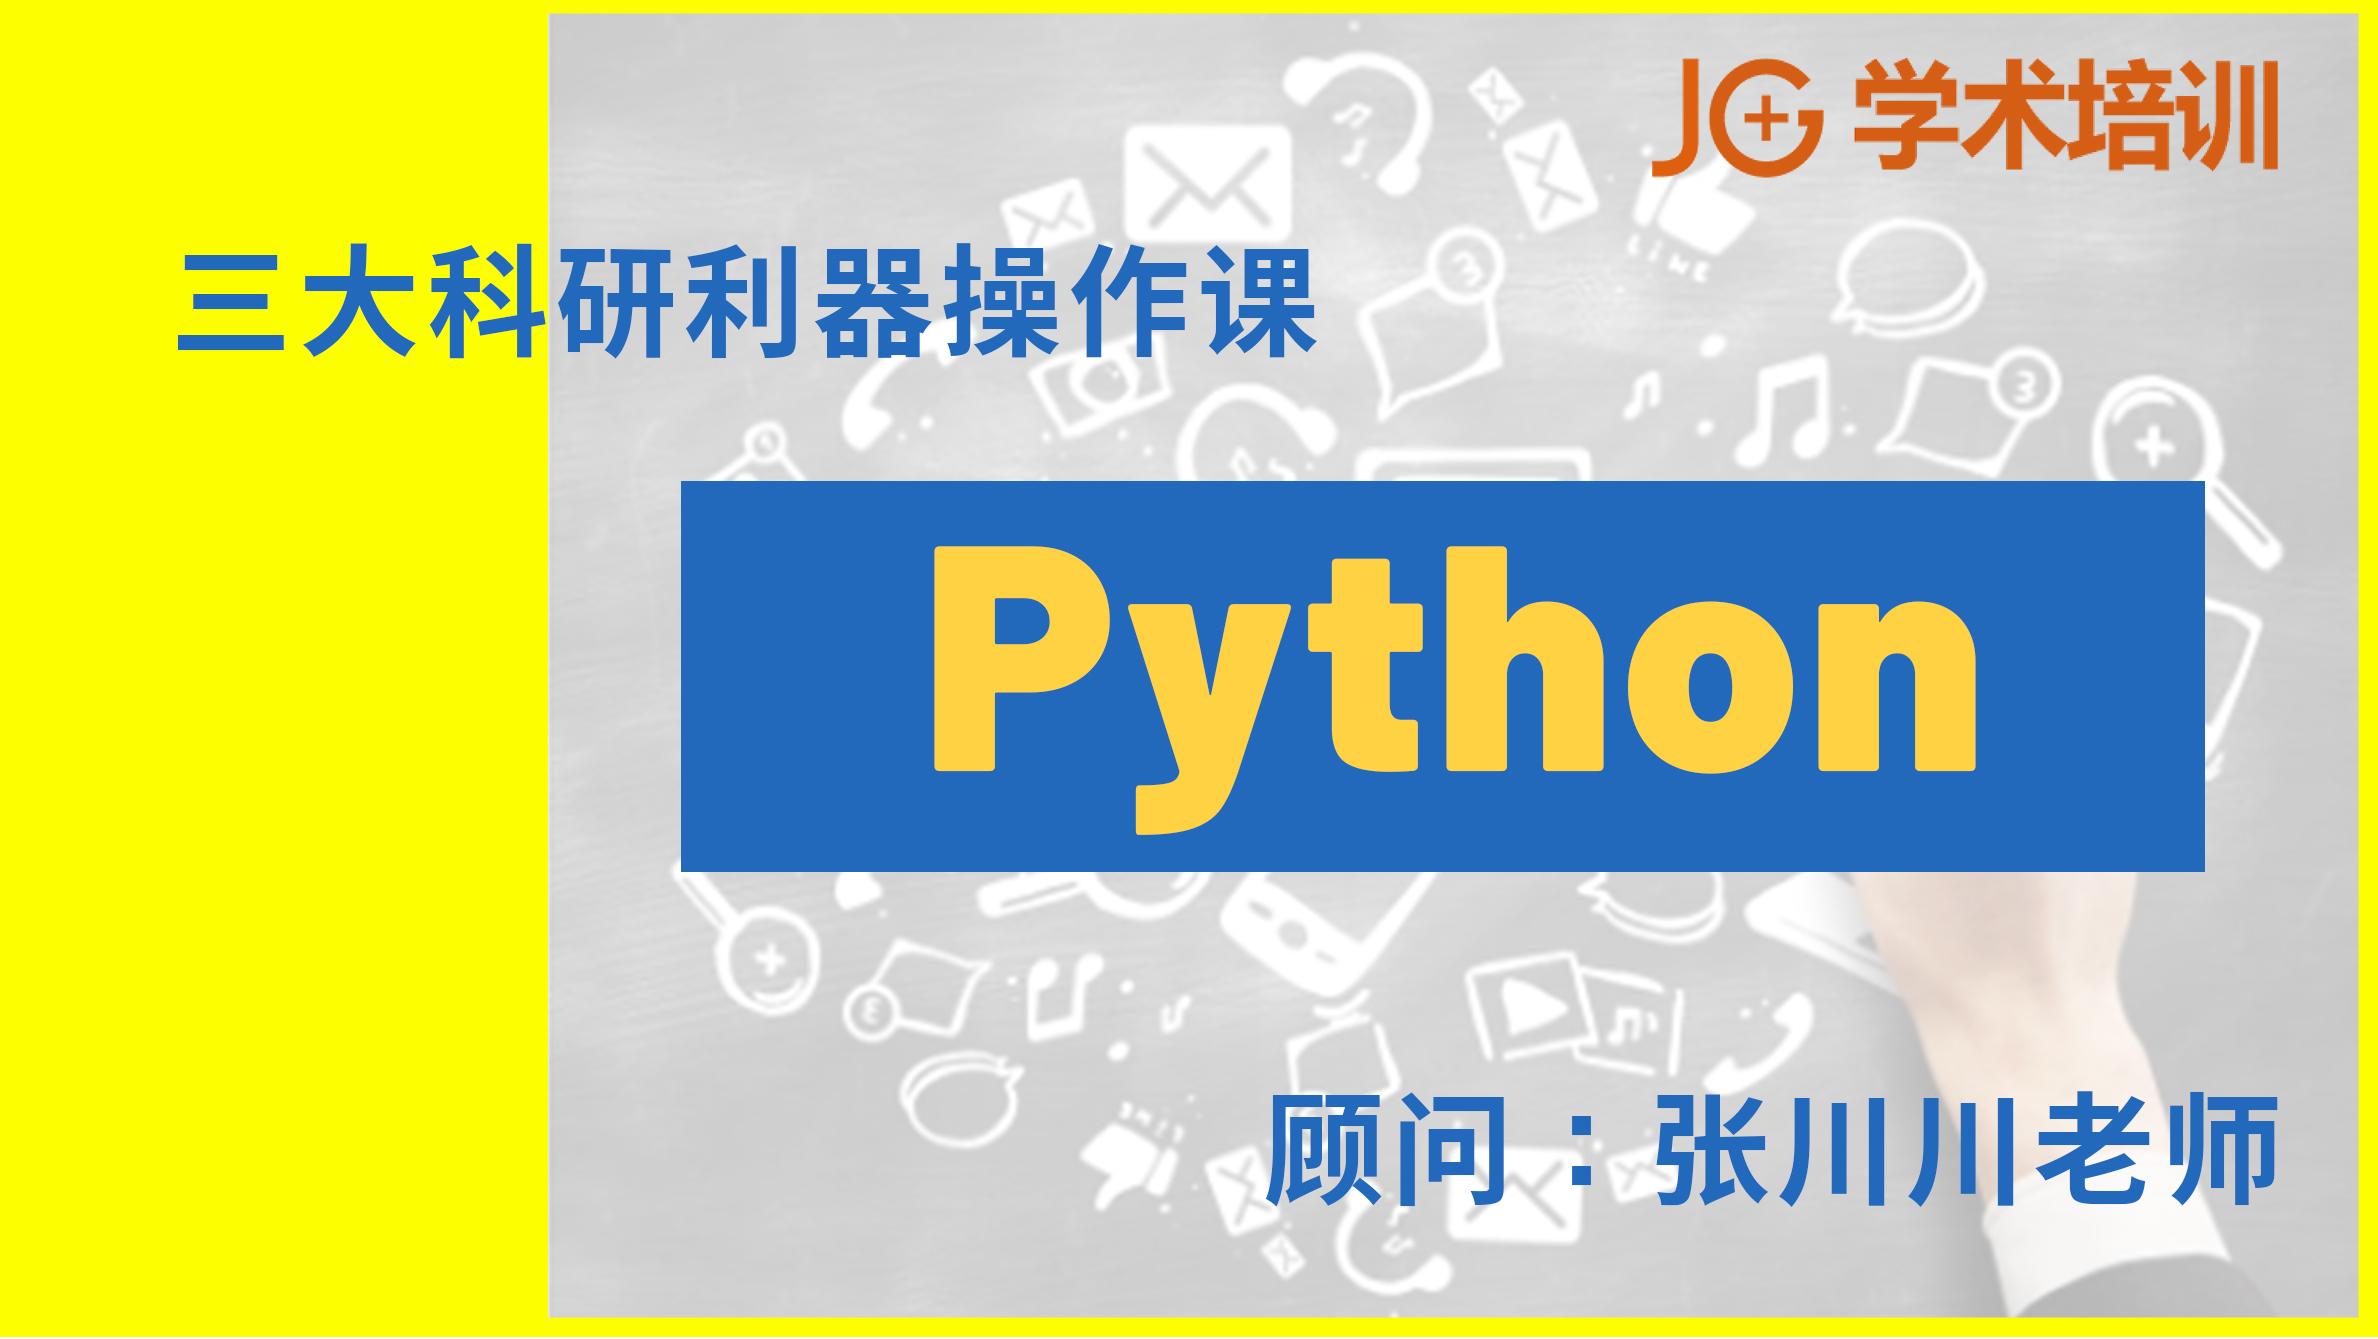 三大科研利器操作课--Python